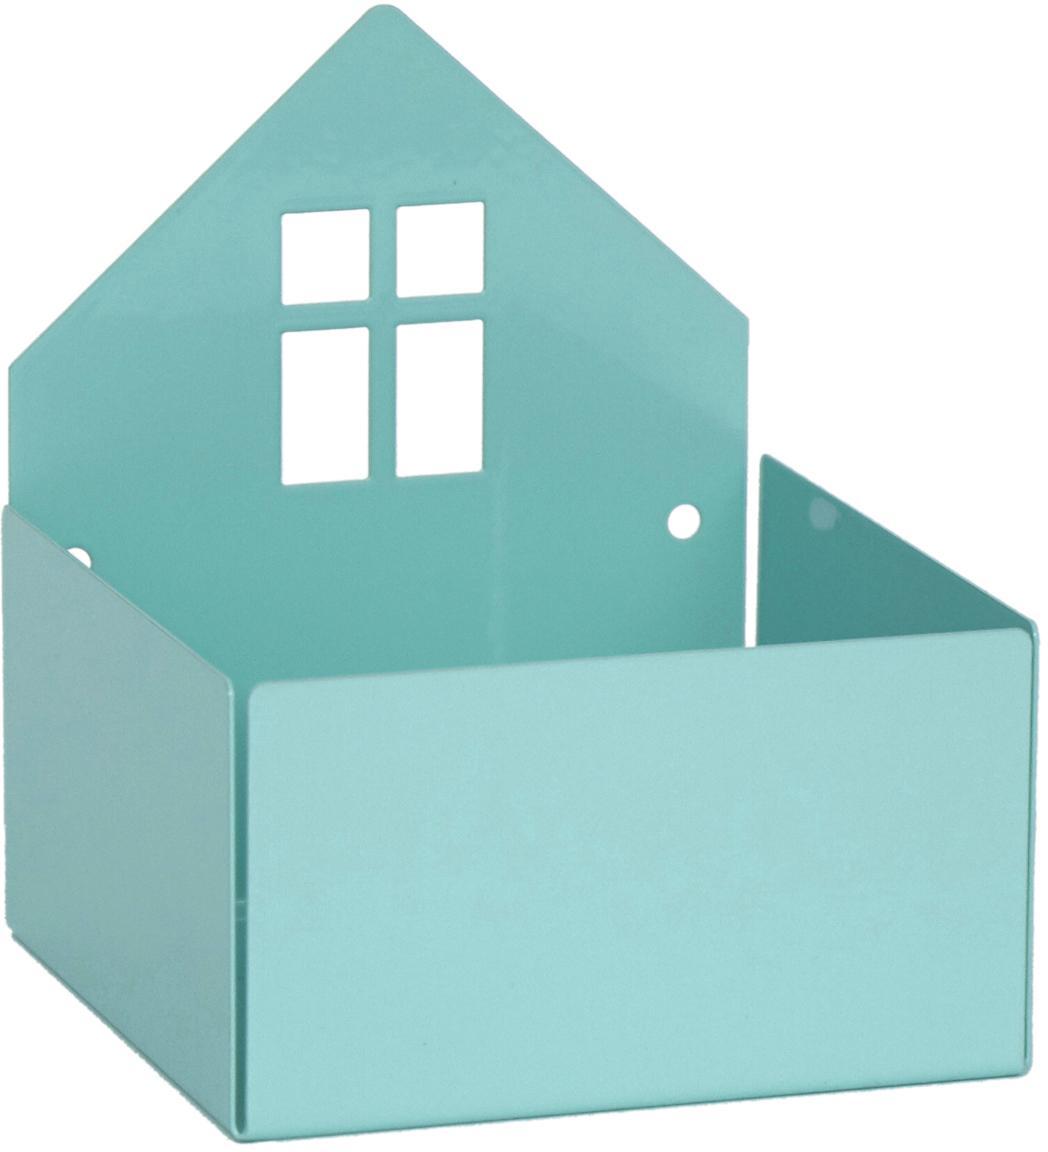 Scatola Town House, Metallo verniciato a polvere, Blu, Larg. 11 x Alt. 13 cm